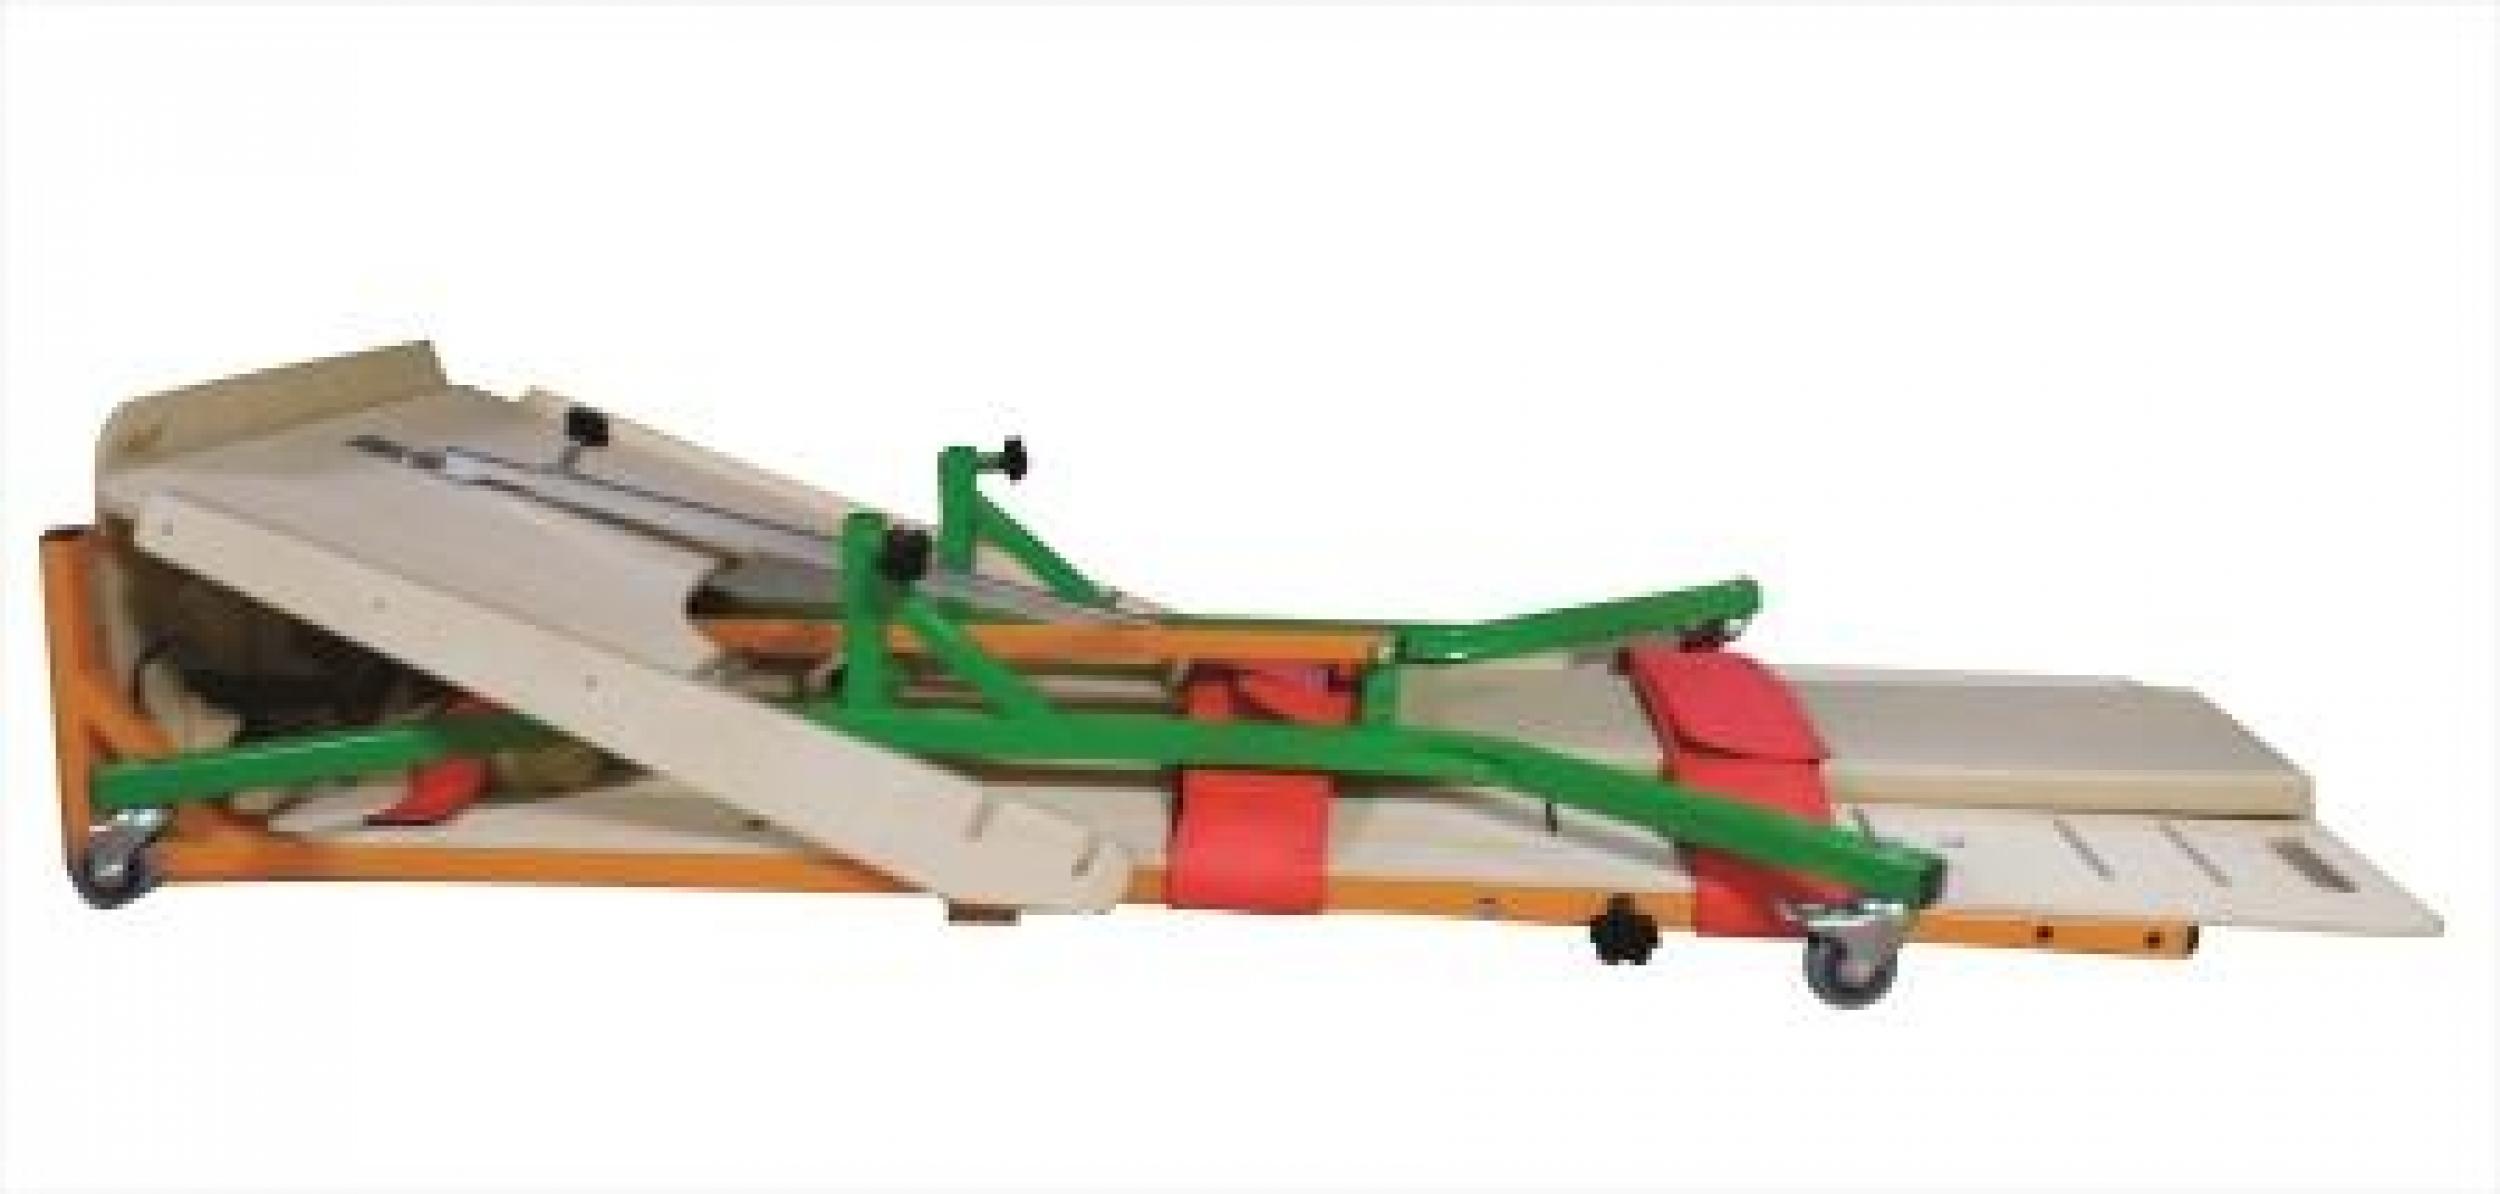 Вертикализатор с обратным наклоном ОС-212 (Размер 2)